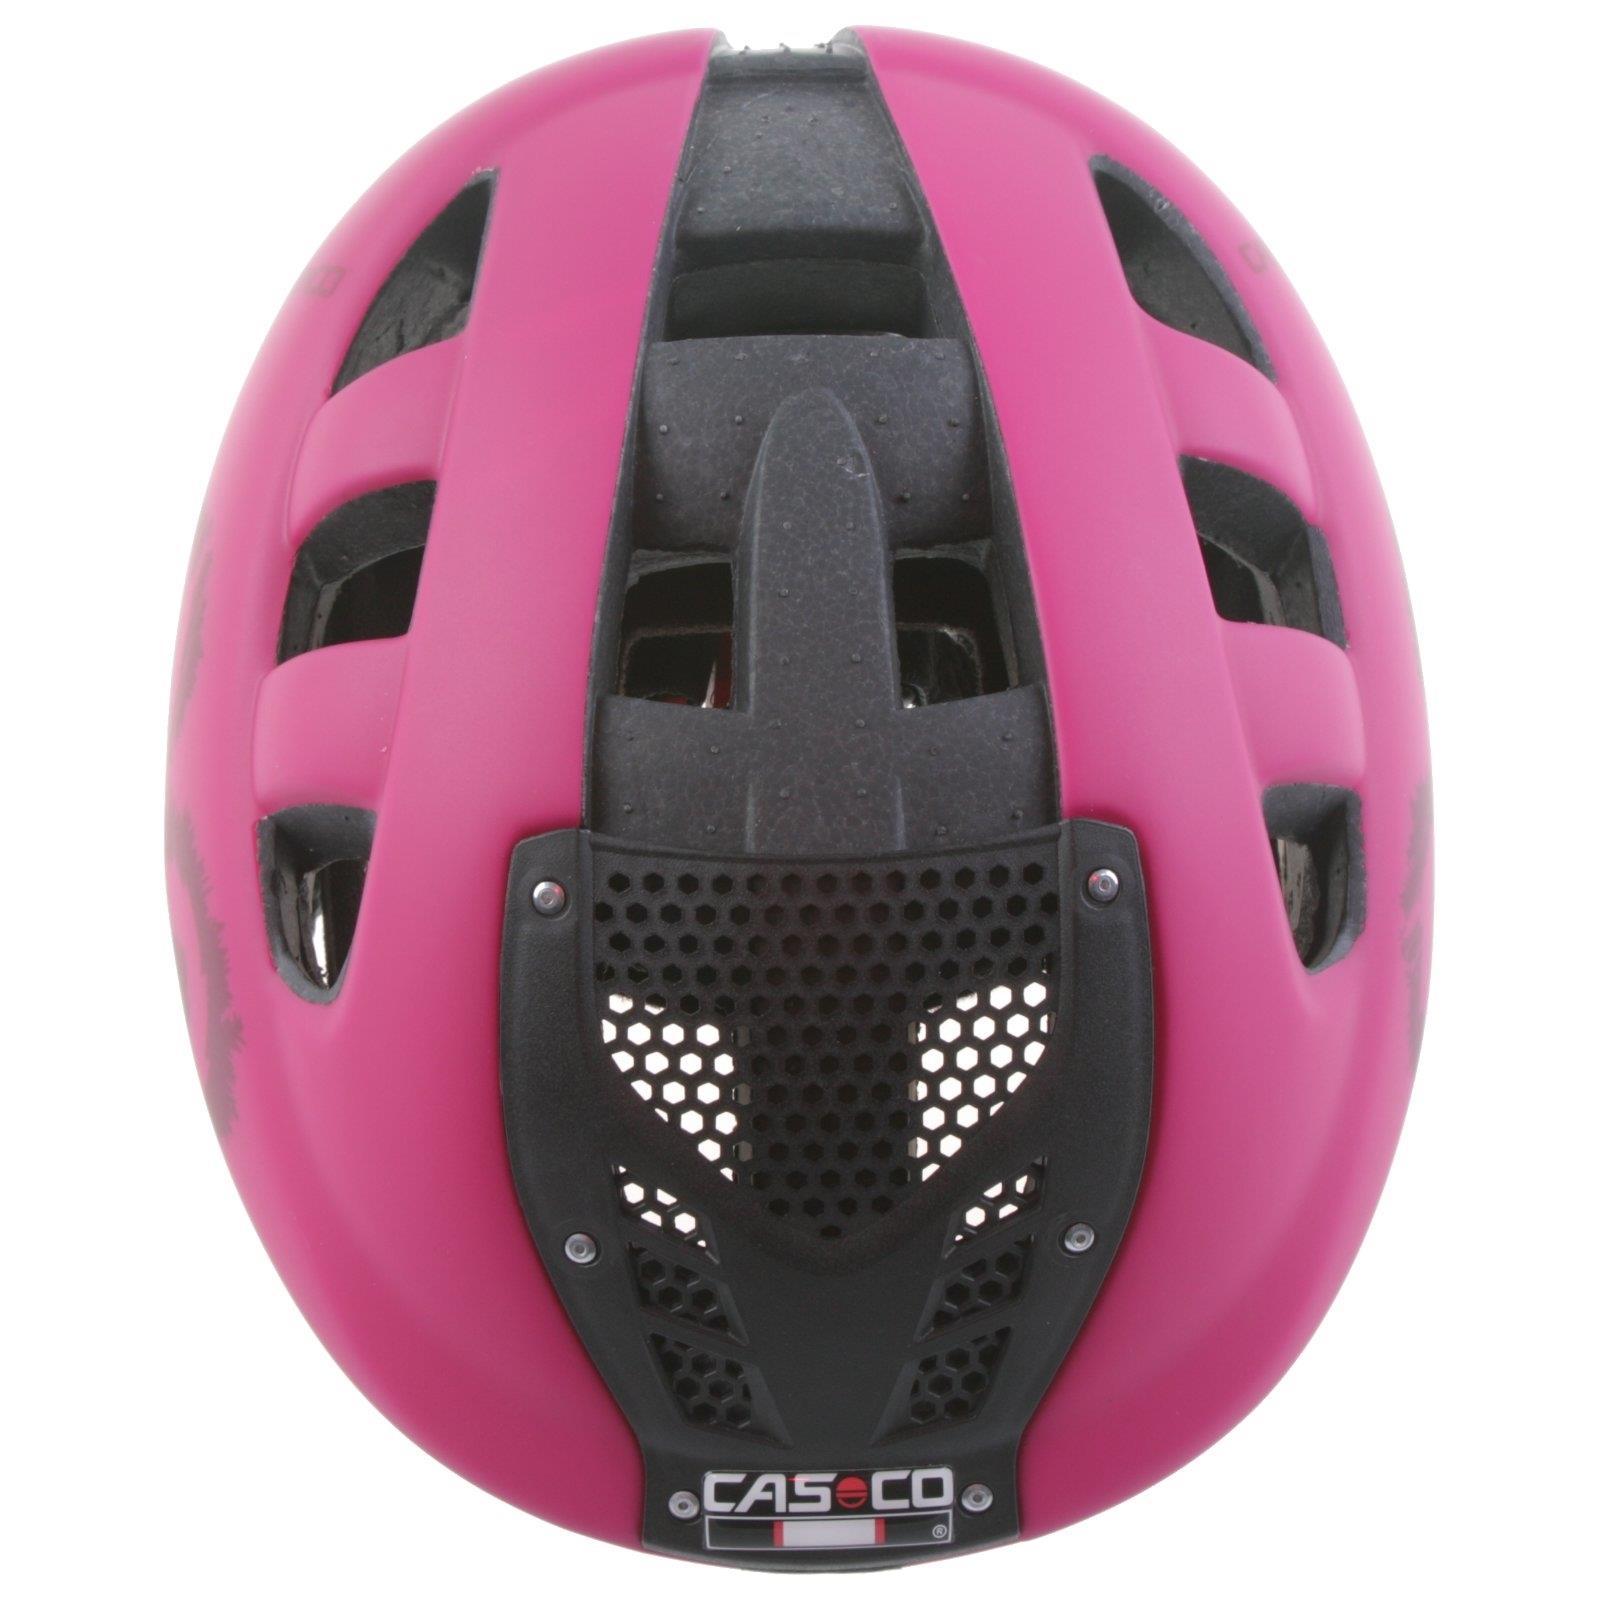 Casco G2 Generation Berry Matt Kinder Helm Fahrrad